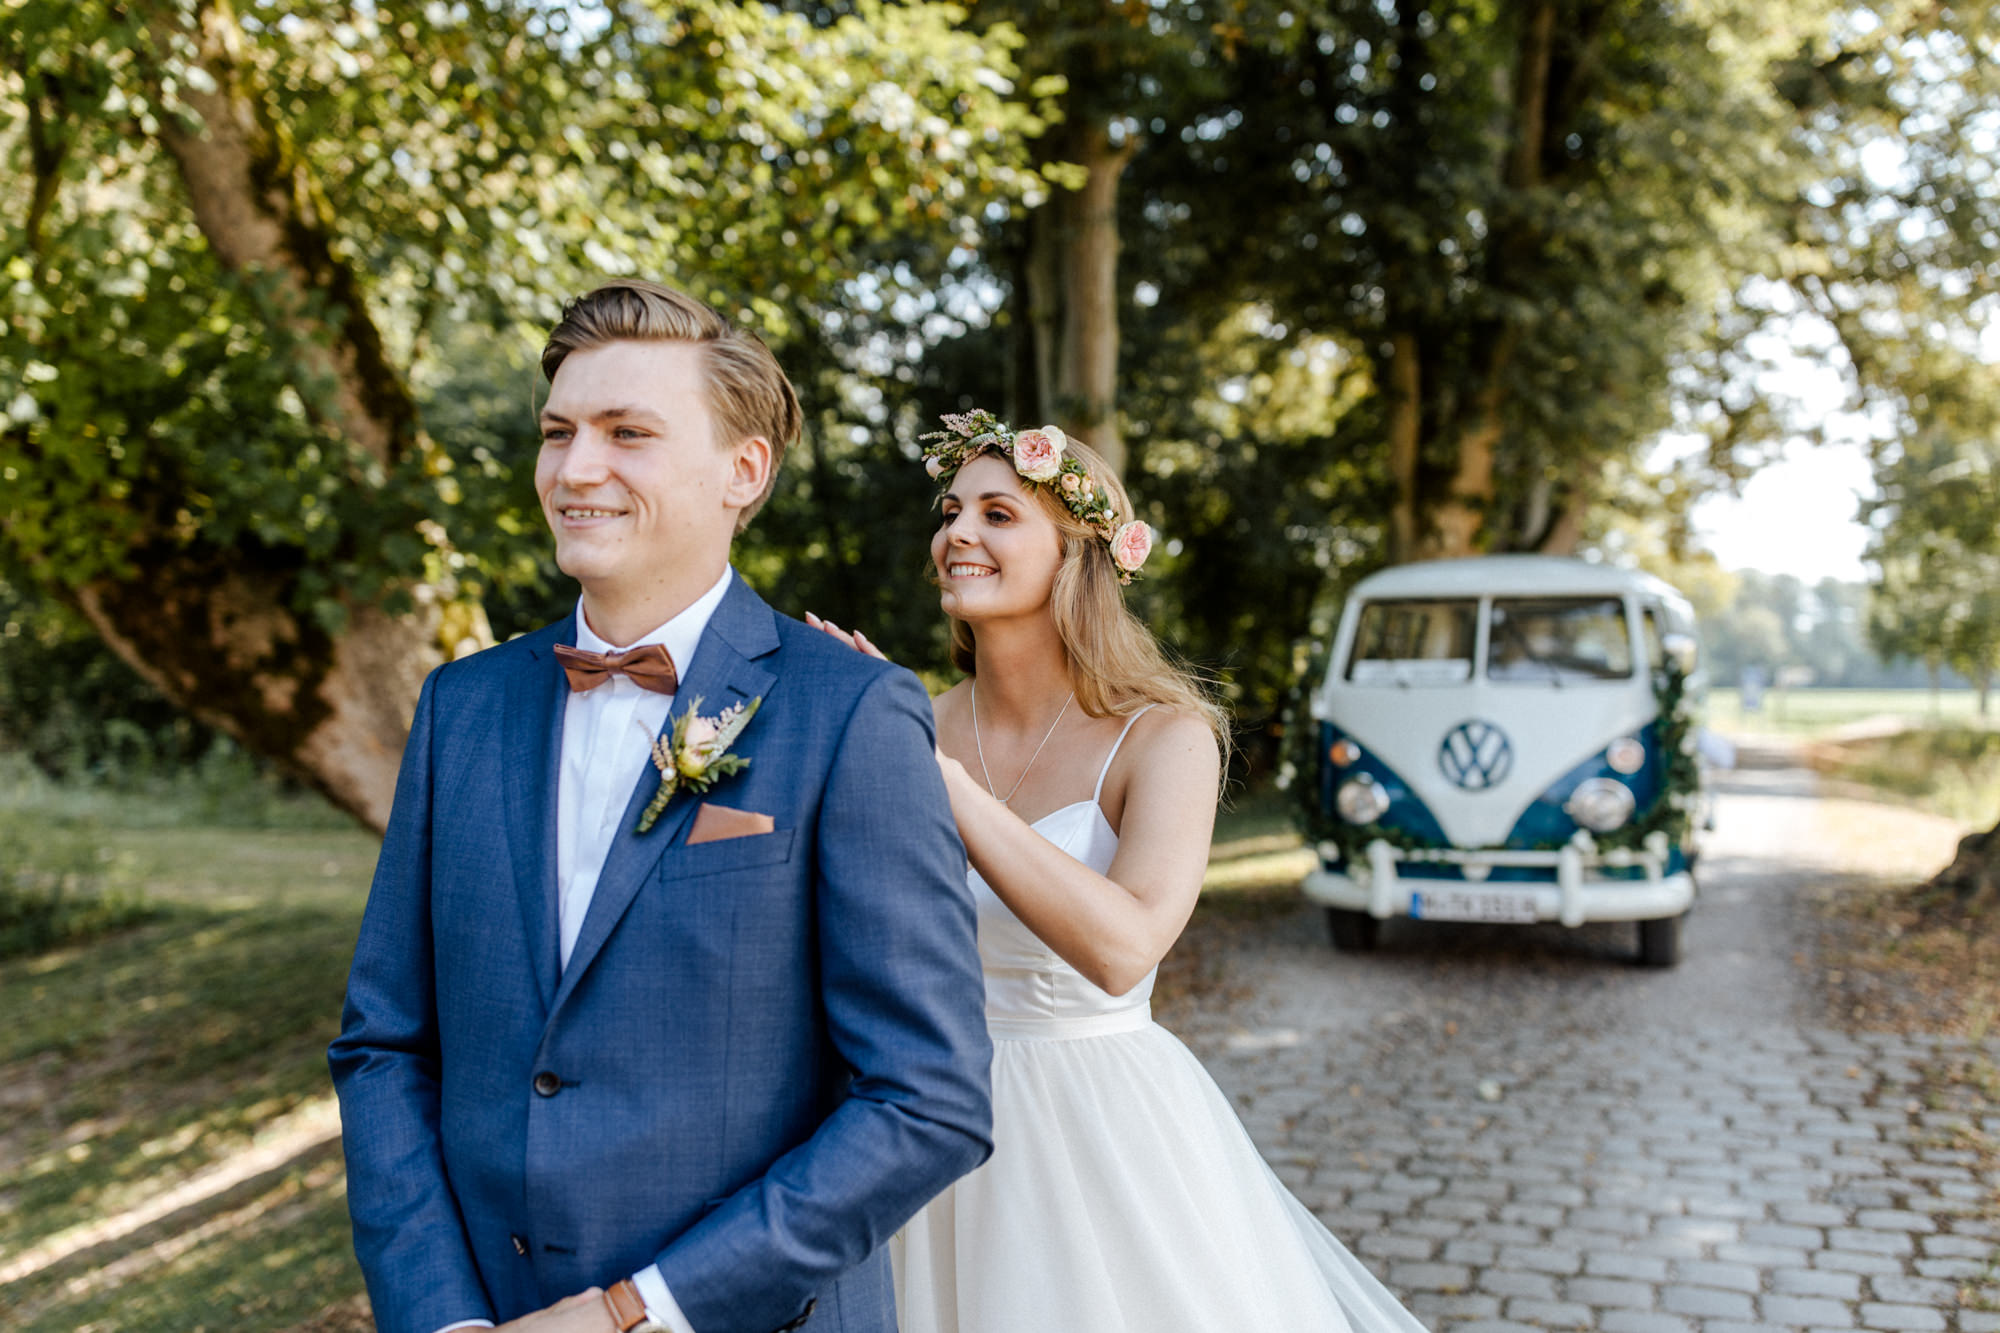 Hochzeit von Lina und Marcus auf Jagdschloss Grünau fotografiert von Yvonne & Rolland Photography